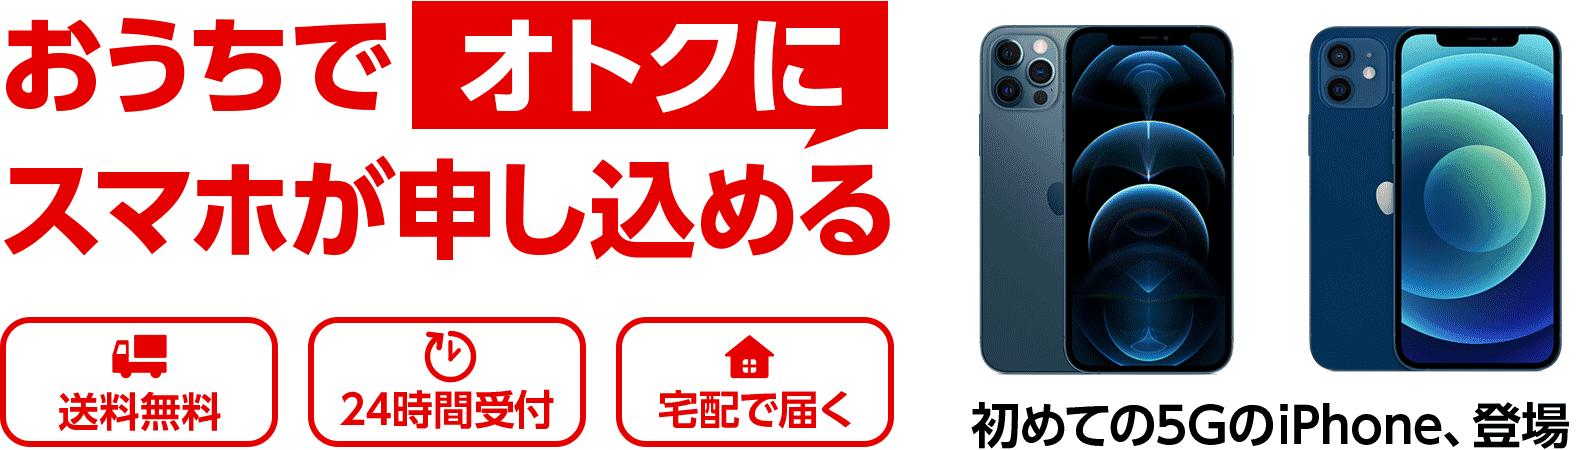 おうちでオトクにスマホが申し込める 送料無料 24時間受付 宅配で届く 初めての5GのiPhone、登場